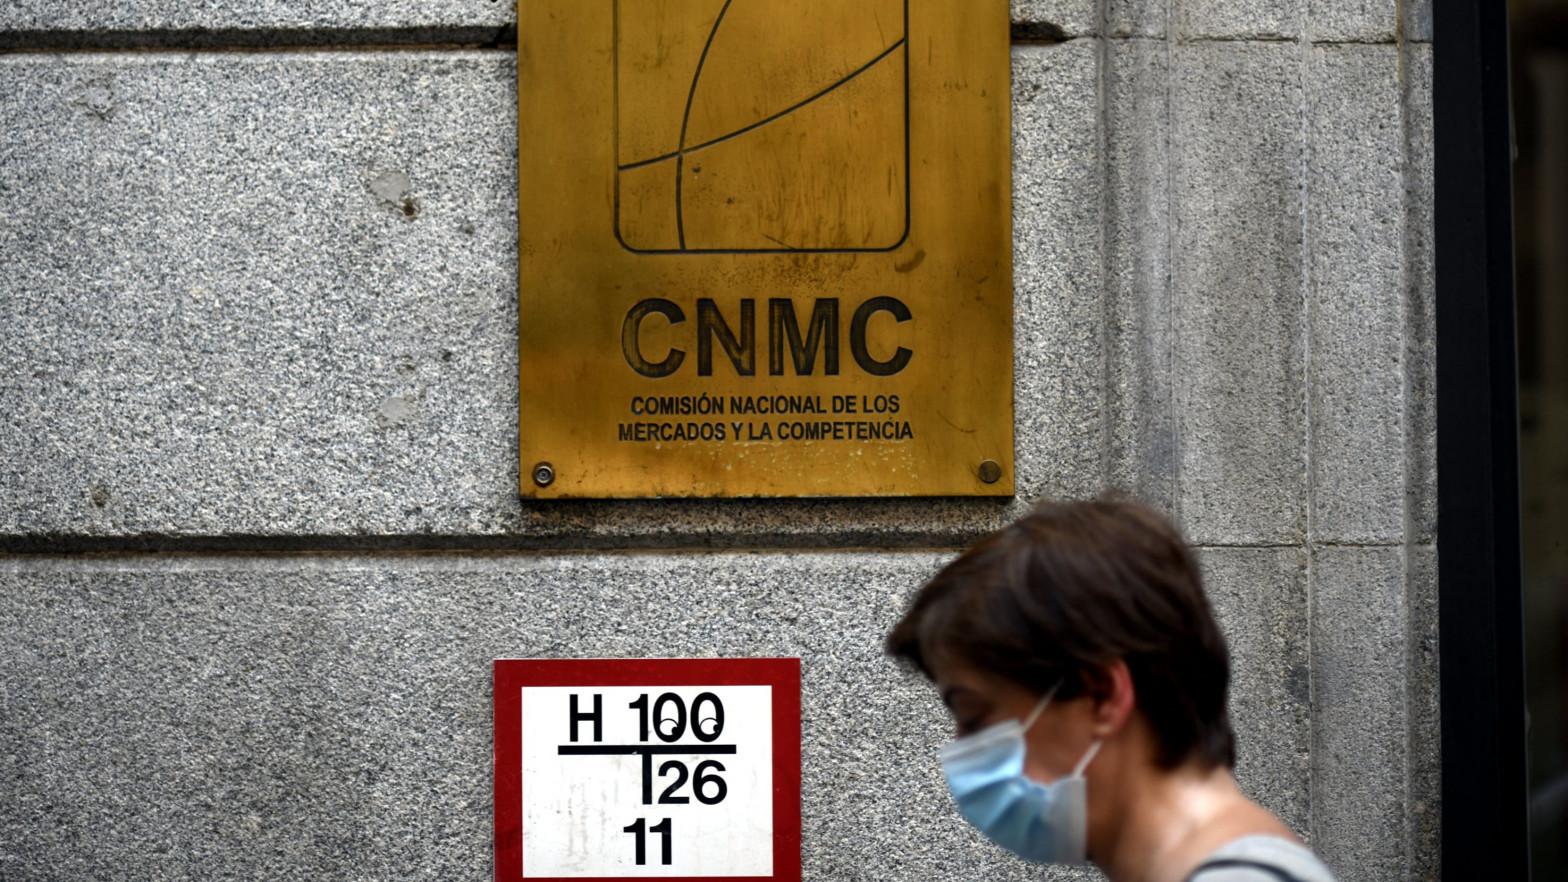 La CNMC expedienta a Sabadell, Santander, Caixabank y Bankia por las líneas de avales ICO covid